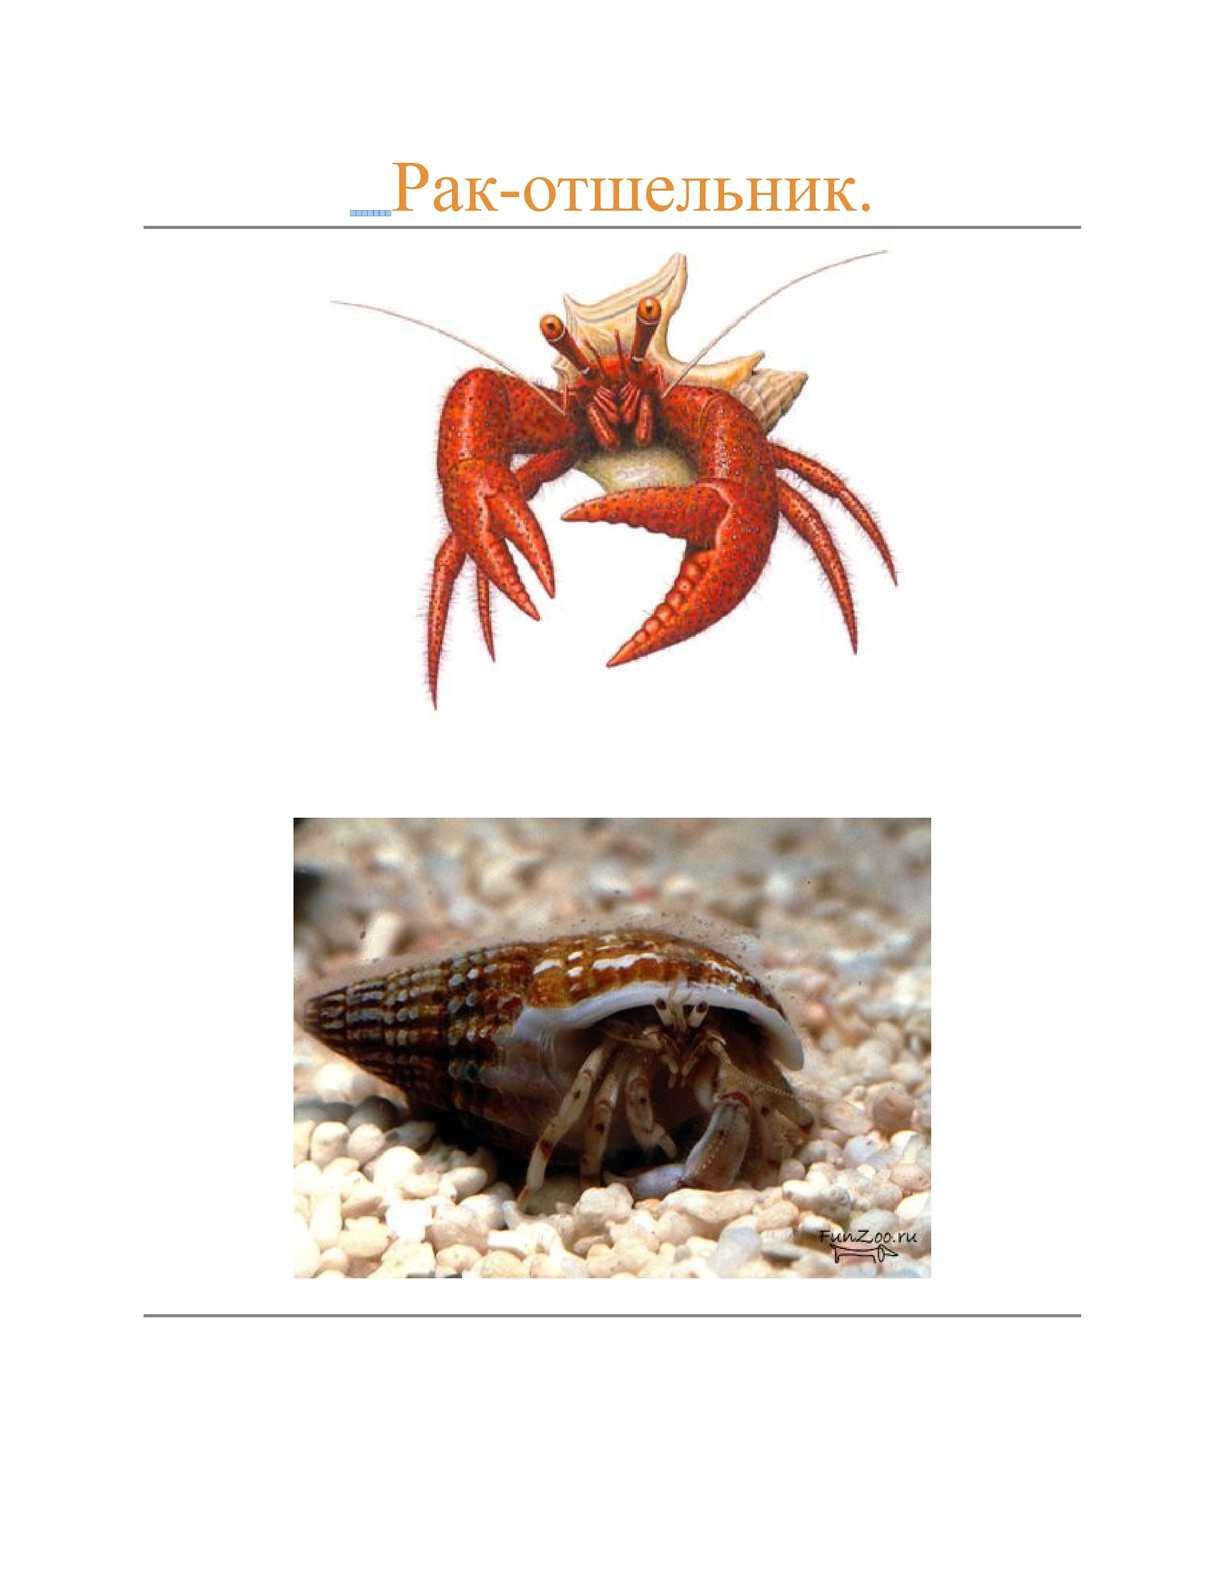 Крупный морской рак: фотографии, интересные факты и описание. морской рак-отшельник